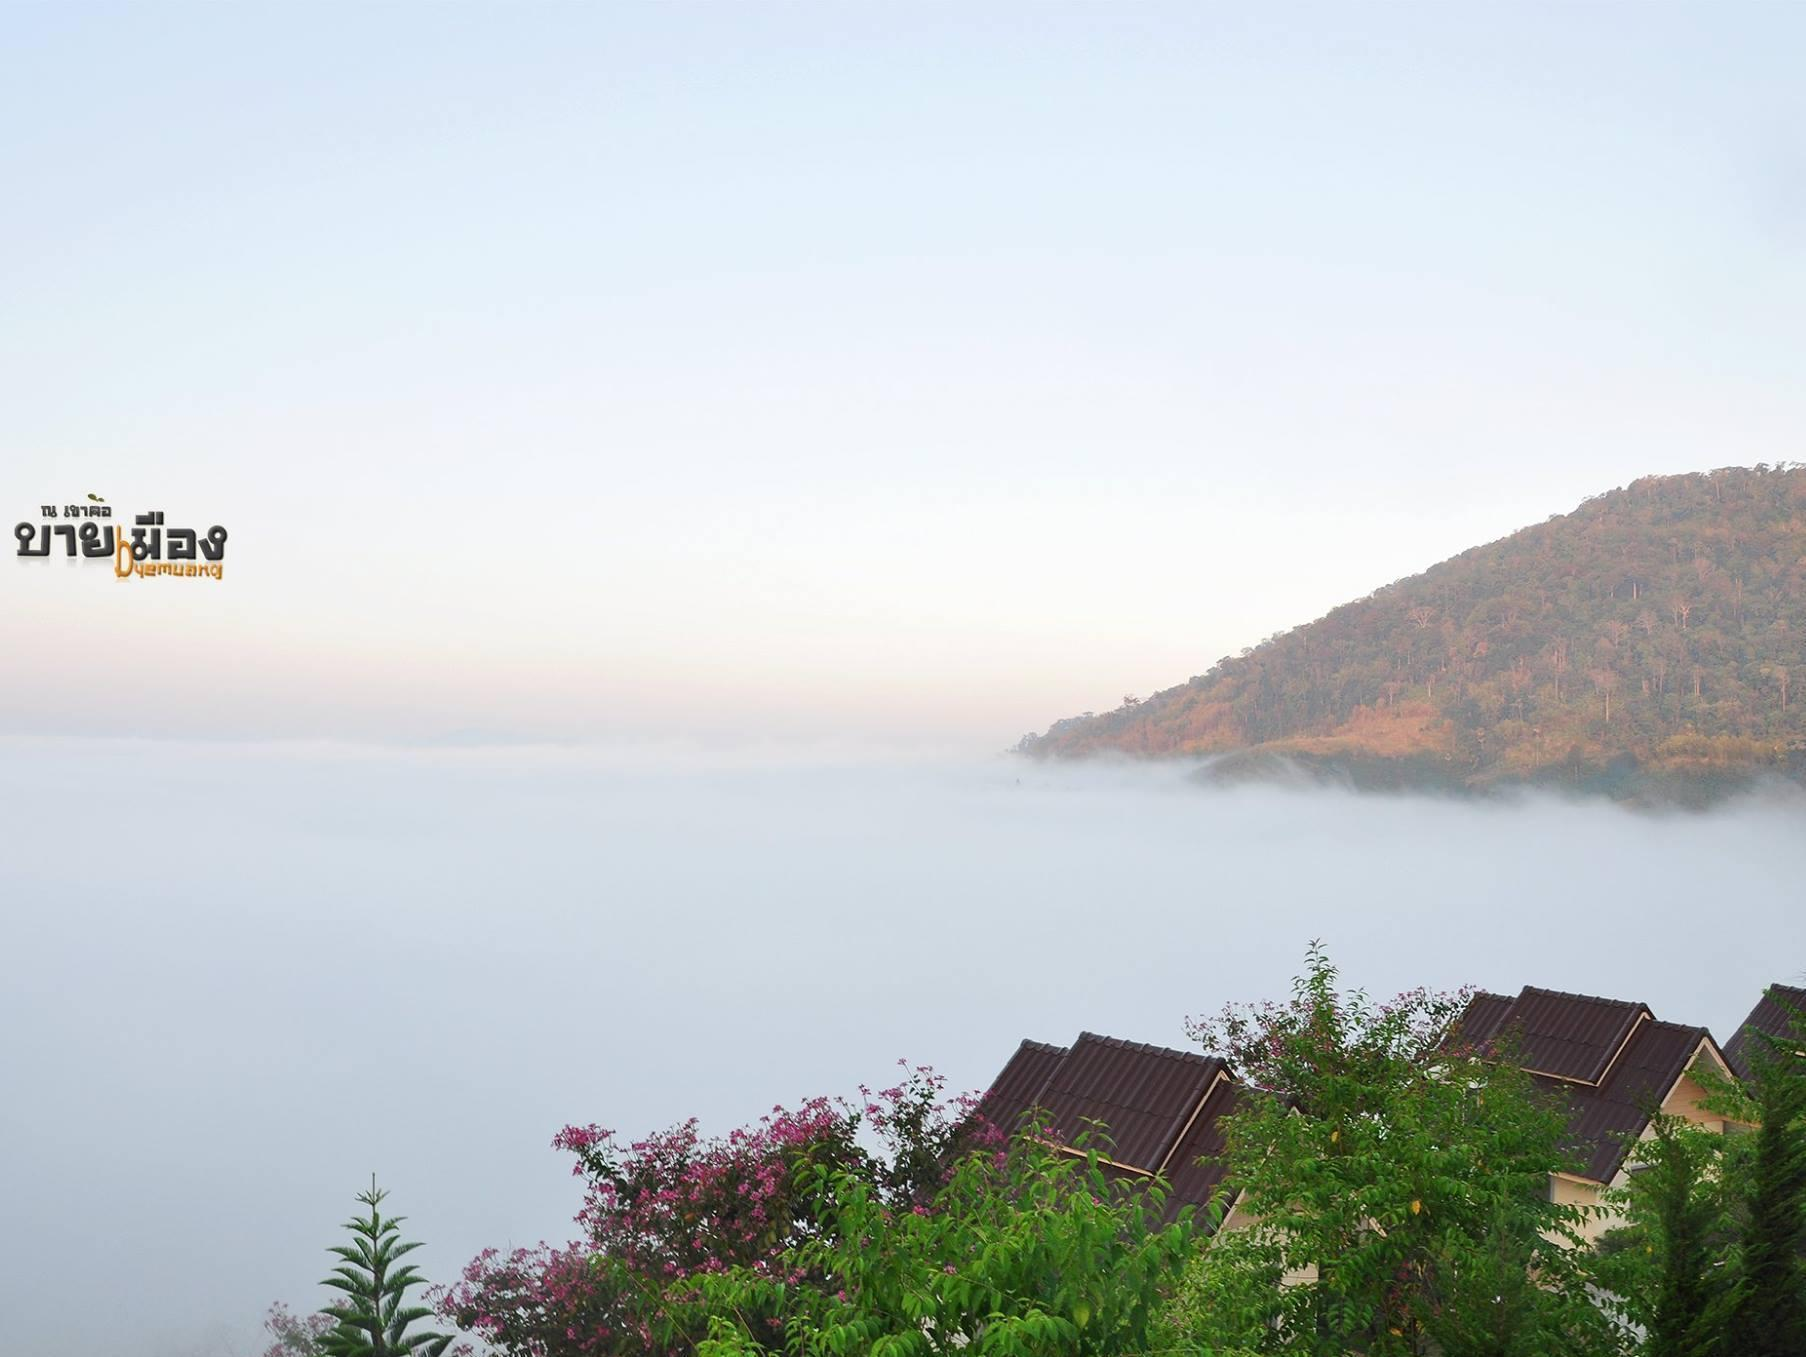 塔雷莫克拜姆安考克霍观景度假村,บายเมือง ณ เขาค้อ รีสอร์ท วิวทะเลหมอก